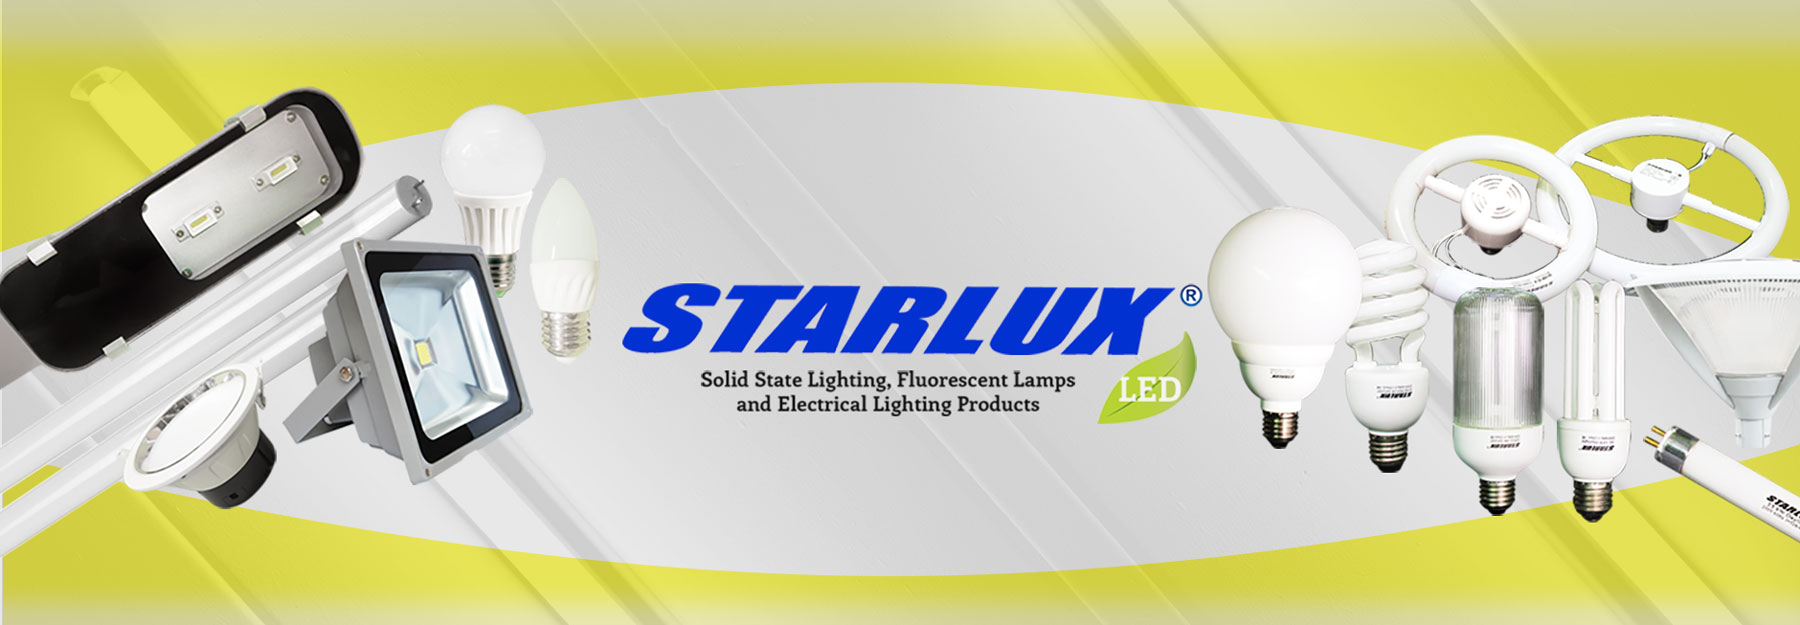 starlux_banner